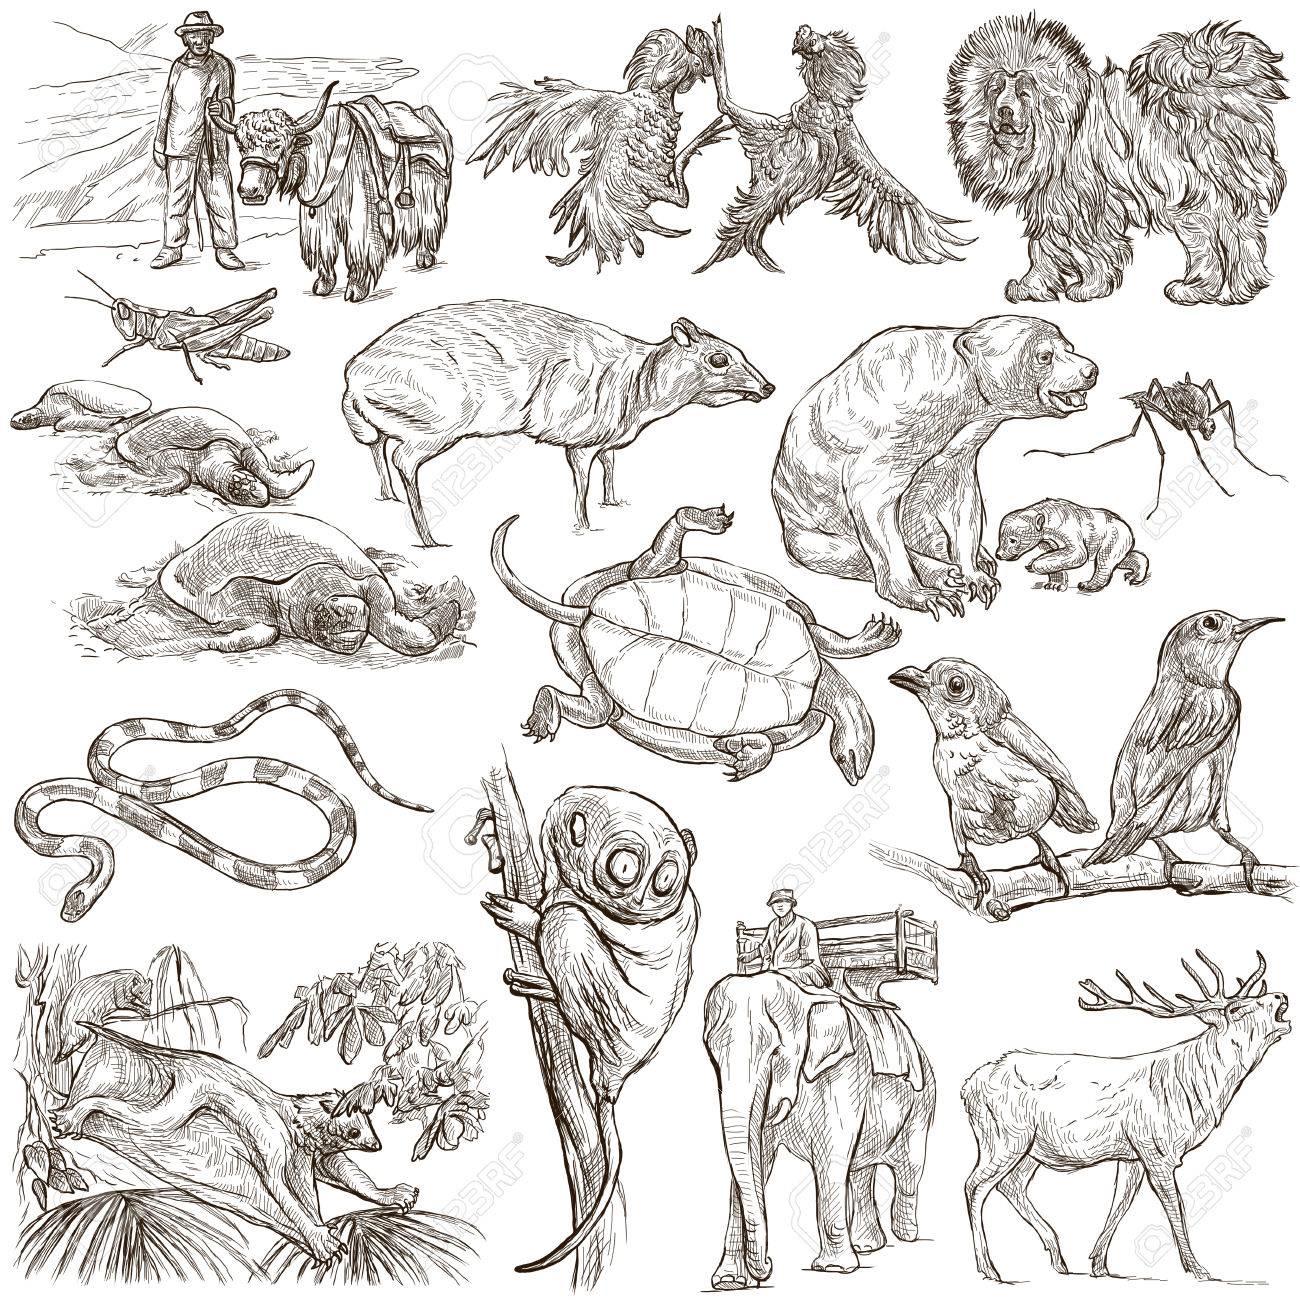 手描きイラストの世界 - パック、コレクション - コレクションの周りに